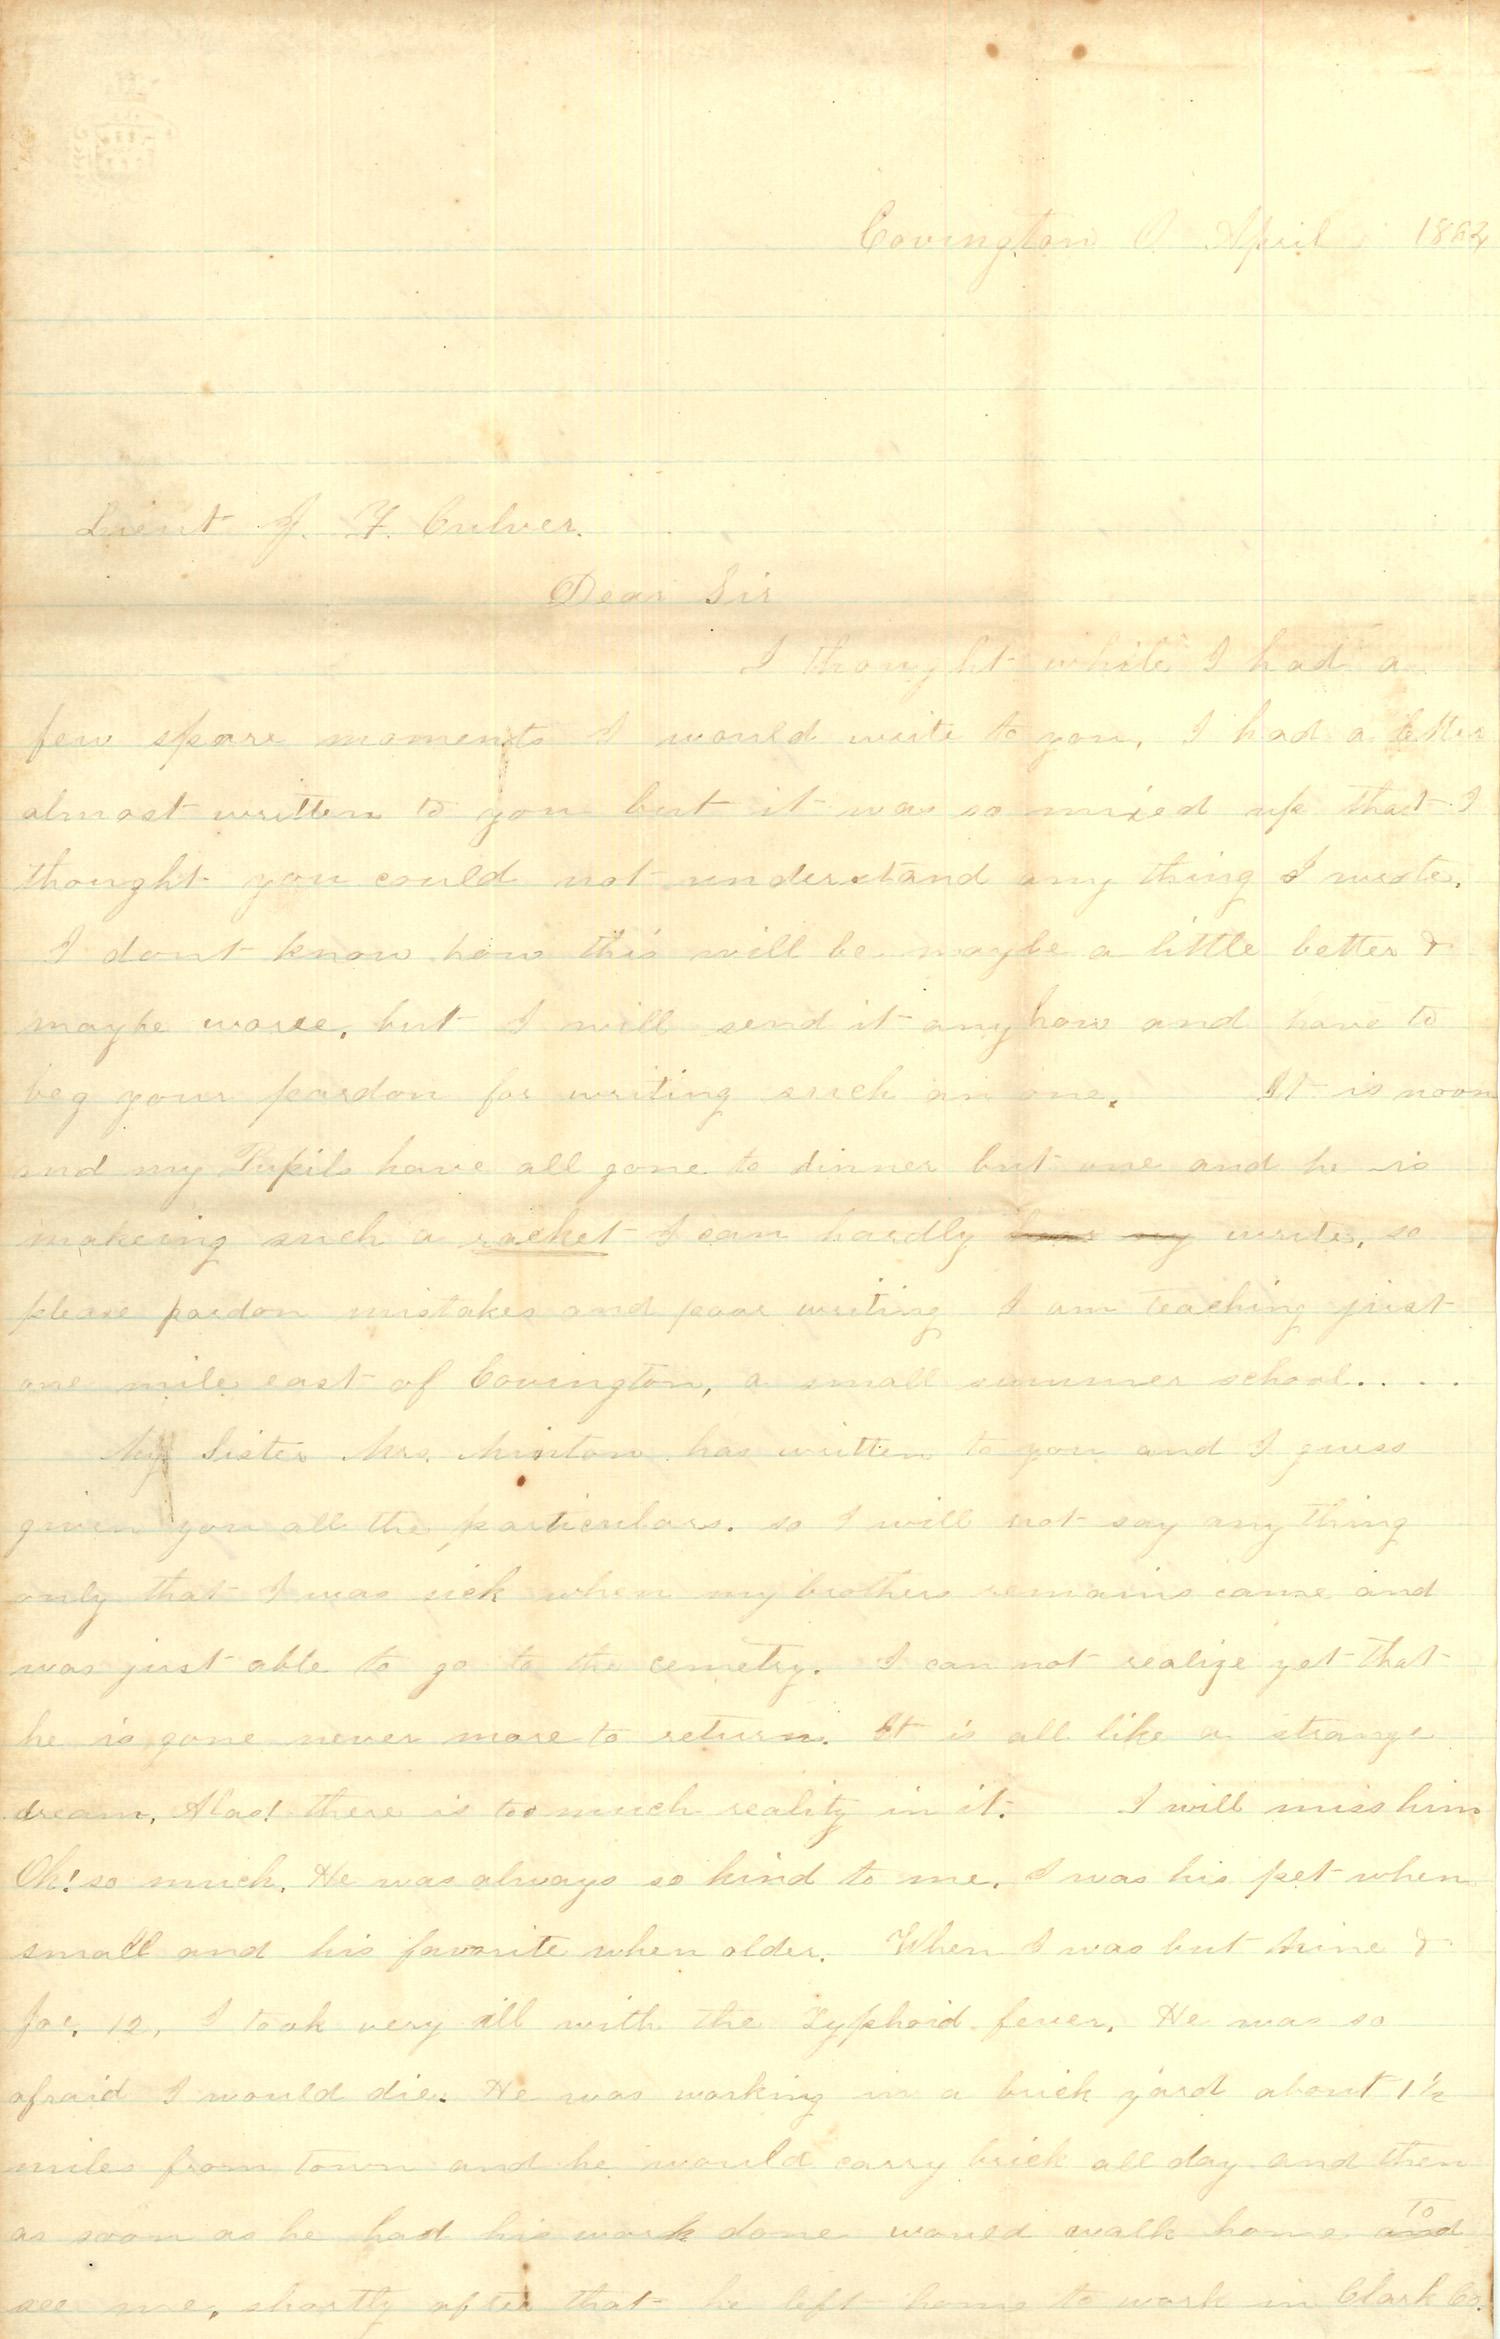 Joseph Culver Letter, April 1, 1864, Page 1